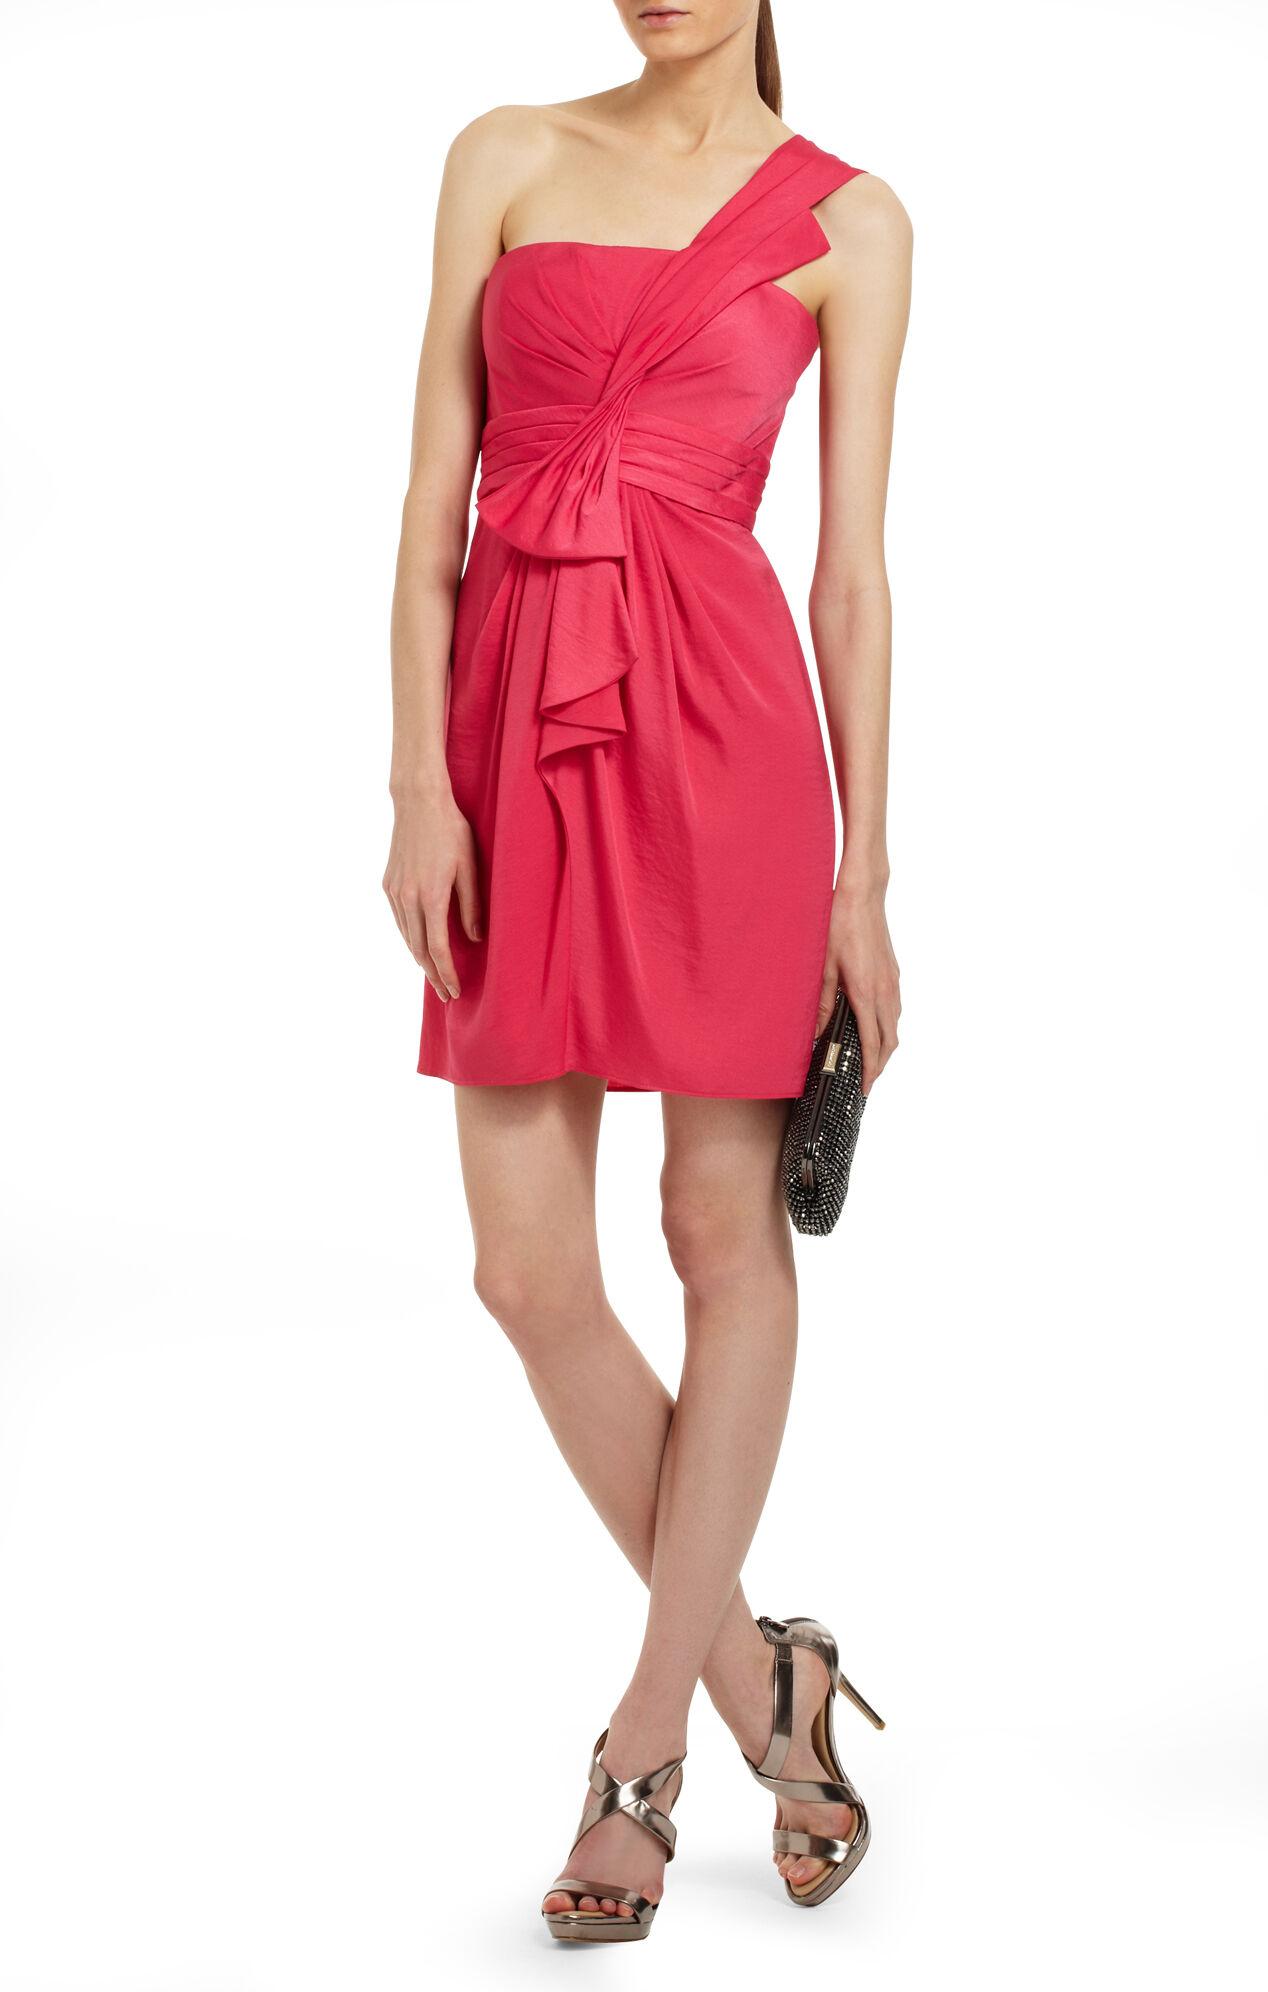 Palais One-Shoulder Cocktail Dress